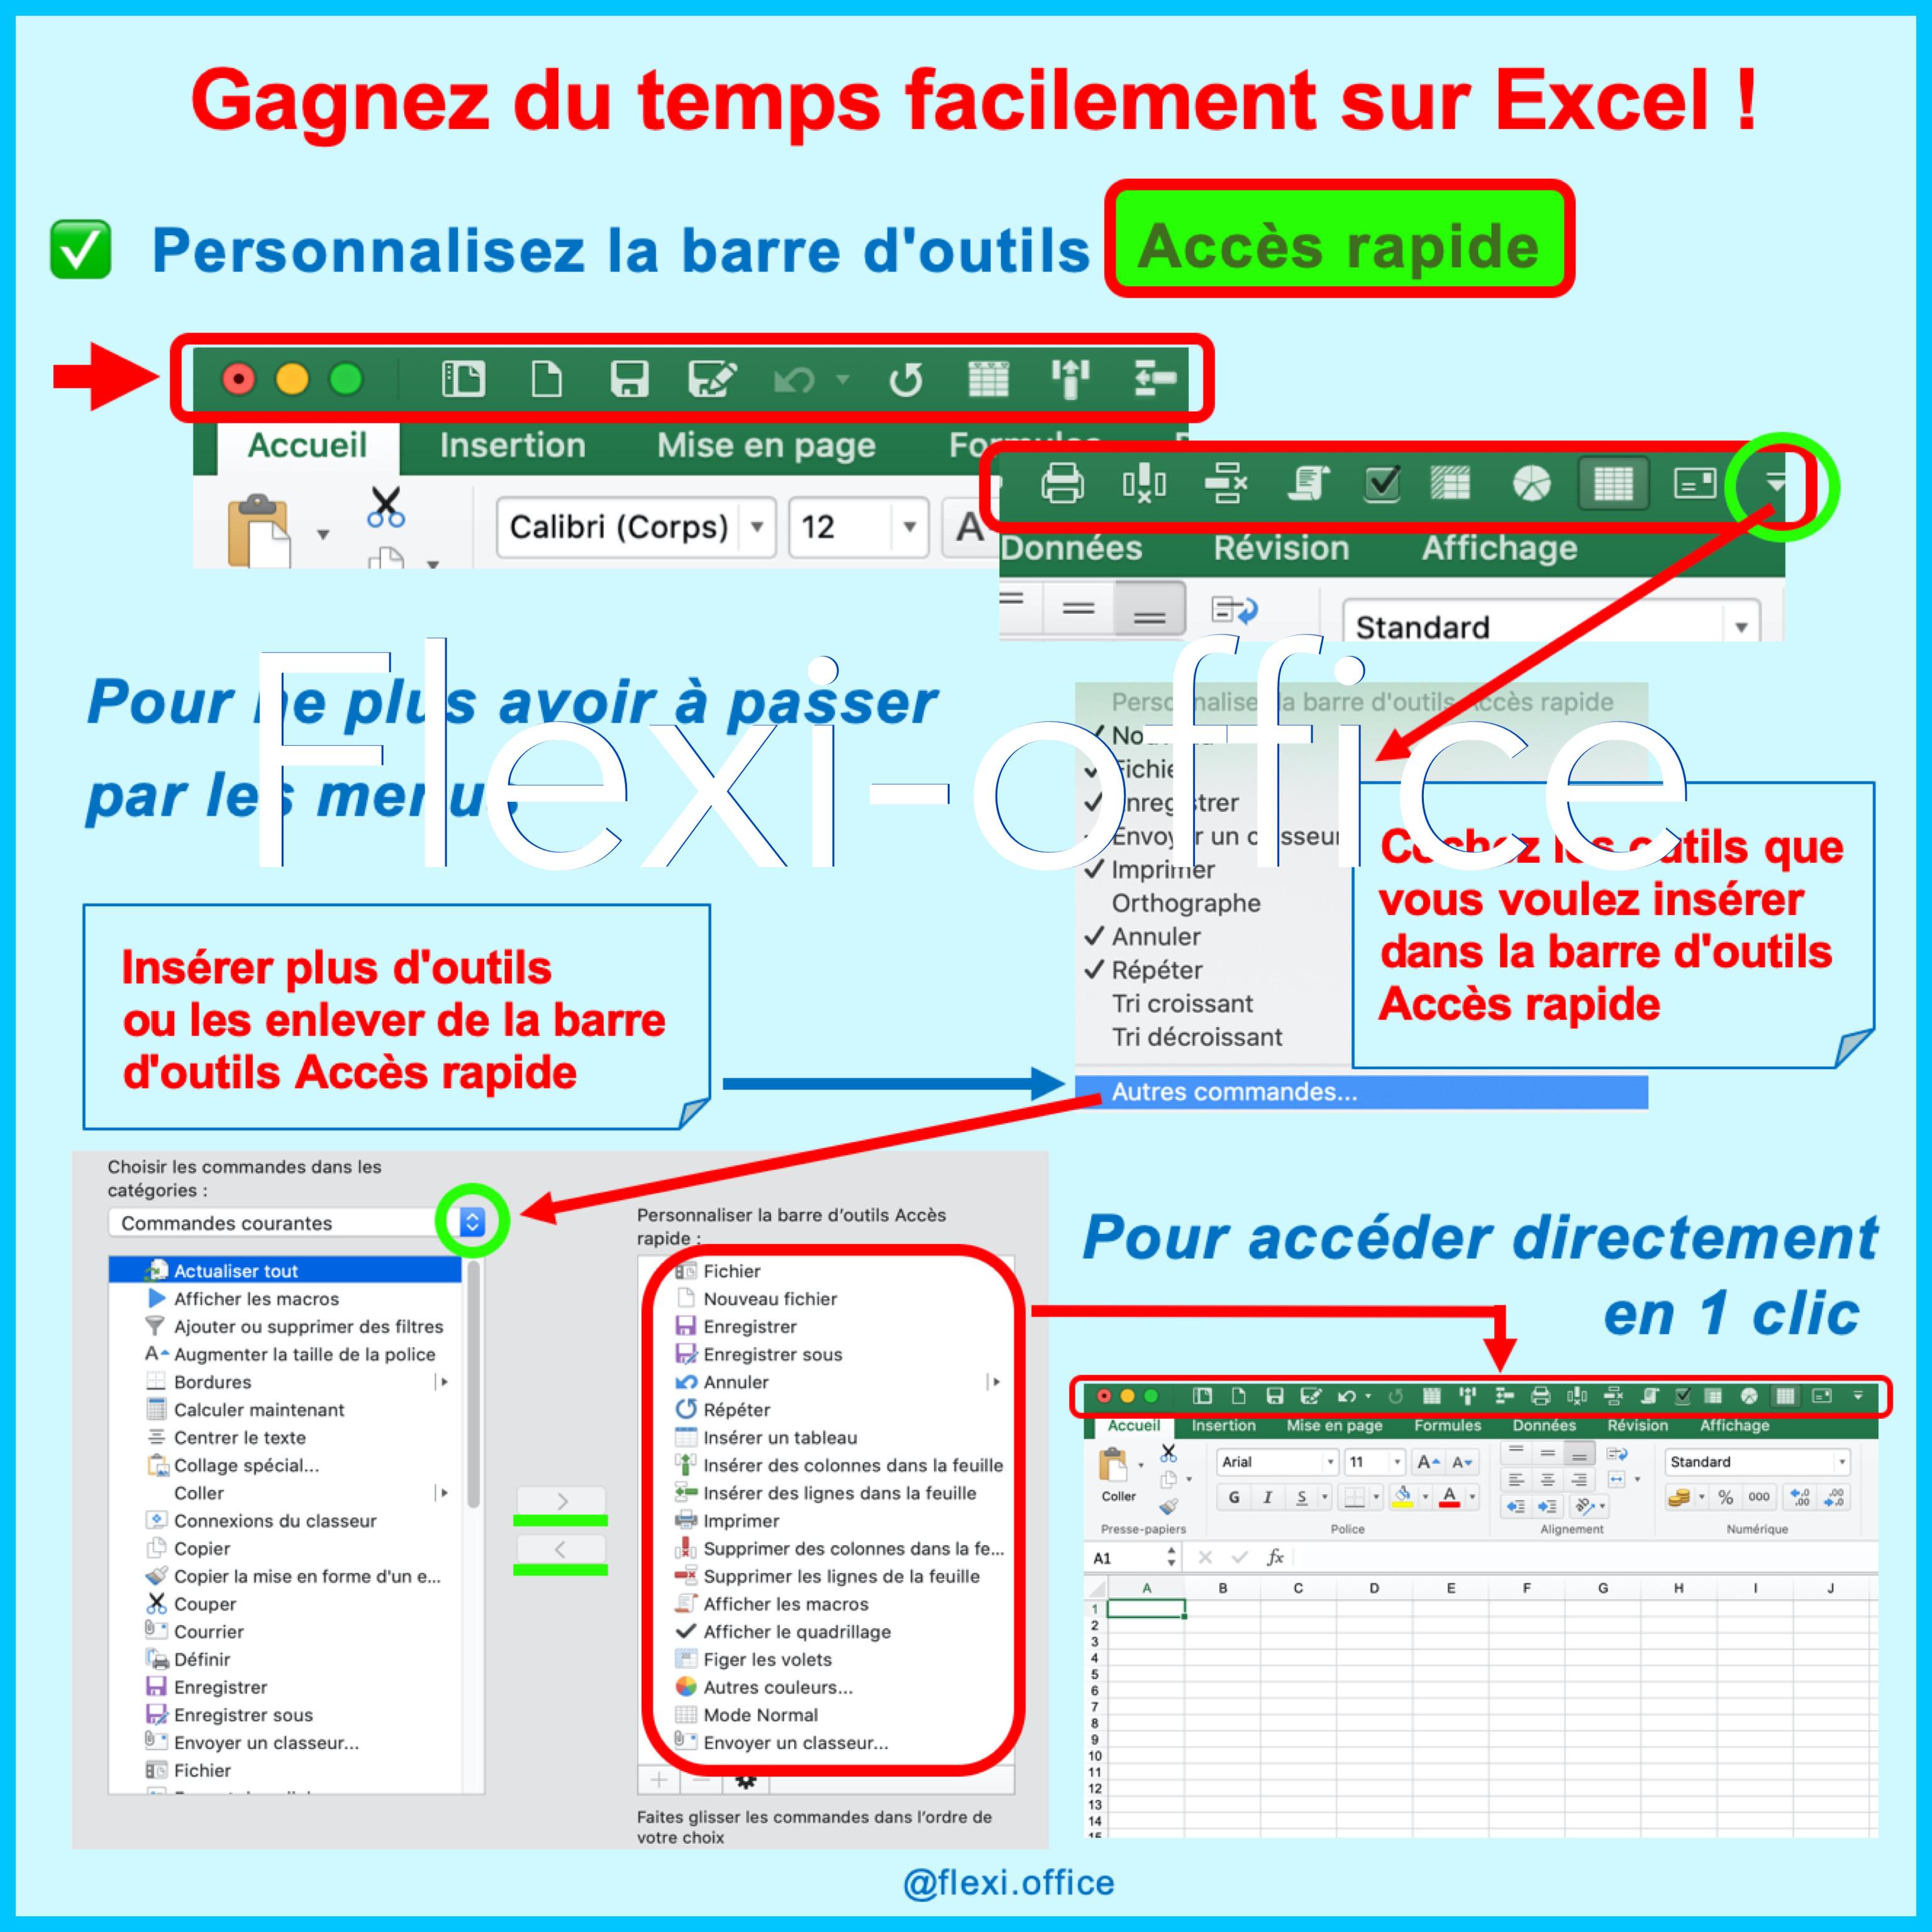 Excel barre d outil accès rapide